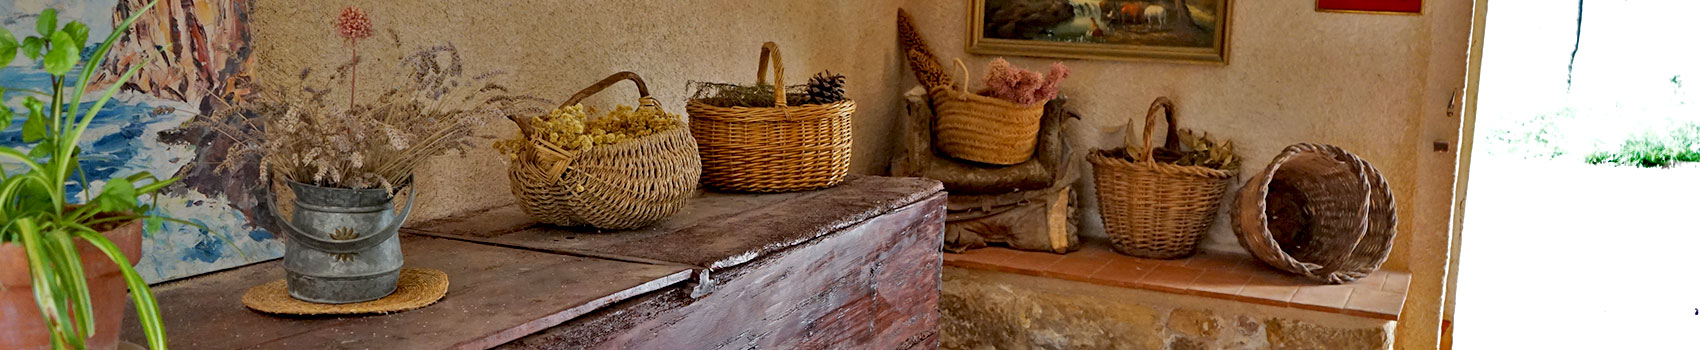 rebost-lo-portalet-apartaments-i-cases-rurals-a-horta-de-sant-joan